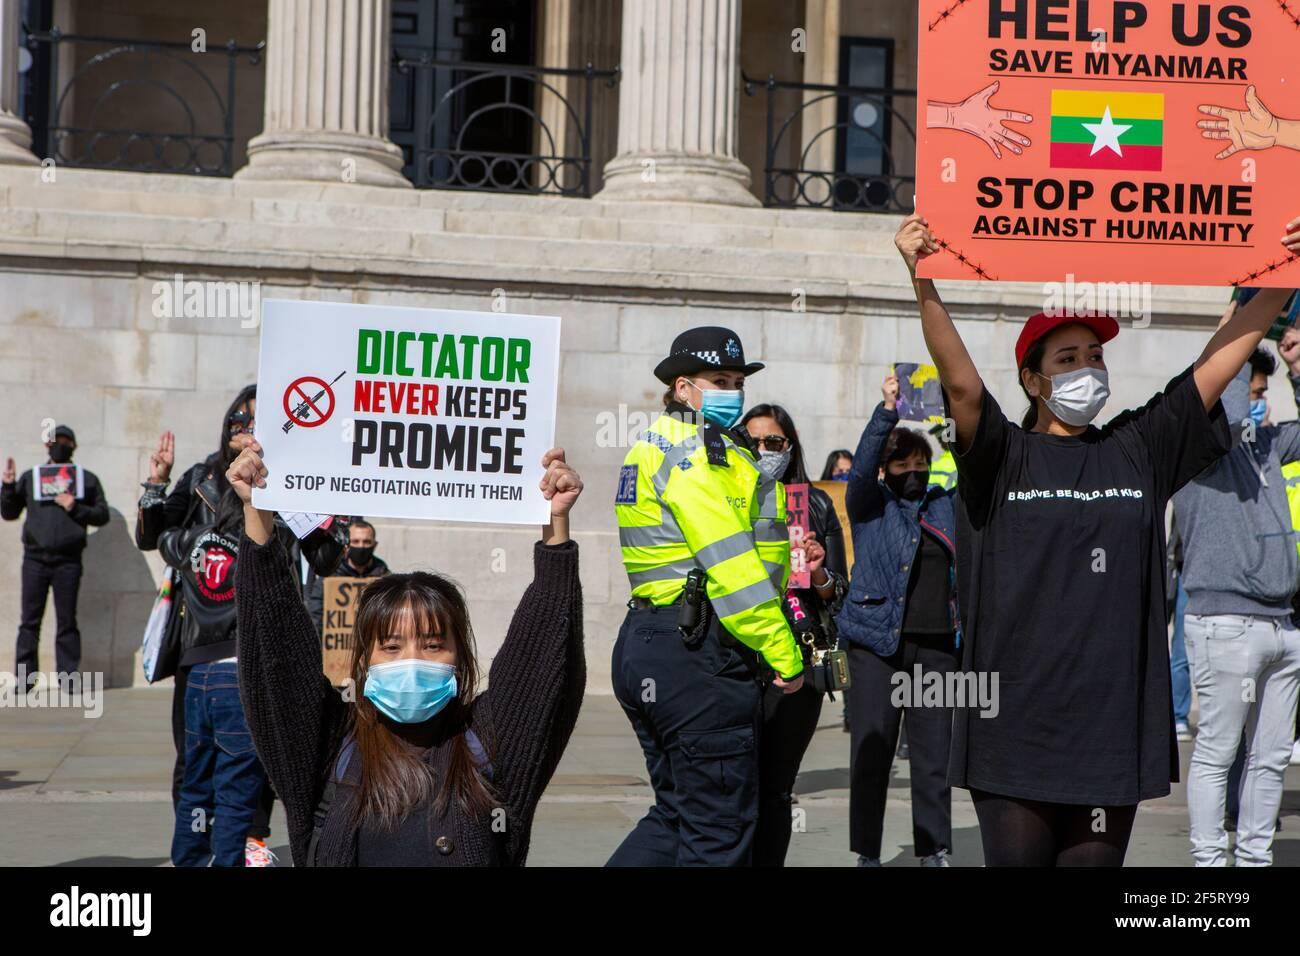 Des manifestants tenant des pancartes exprimant leur opinion lors d'une manifestation pacifique.des manifestants anti-coup d'État militaire du Myanmar se sont rassemblés sur la place Trafalgar alors que des dizaines d'autres personnes sont tuées dans le pays. La police et les militaires du Myanmar (tatmadow) ont attaqué les manifestants avec des balles en caoutchouc, des munitions réelles, des gaz lacrymogènes et des bombes lacrymogènes en réponse aux manifestants anti-coup d'État militaire qui ont tué samedi au Myanmar plus de 90 personnes et en ont blessé beaucoup d'autres. Au moins 300 personnes ont été tuées au Myanmar depuis le coup d'État du 1er février, a déclaré un responsable des droits de l'homme de l'ONU. L'avocat militaire du Myanmar Banque D'Images